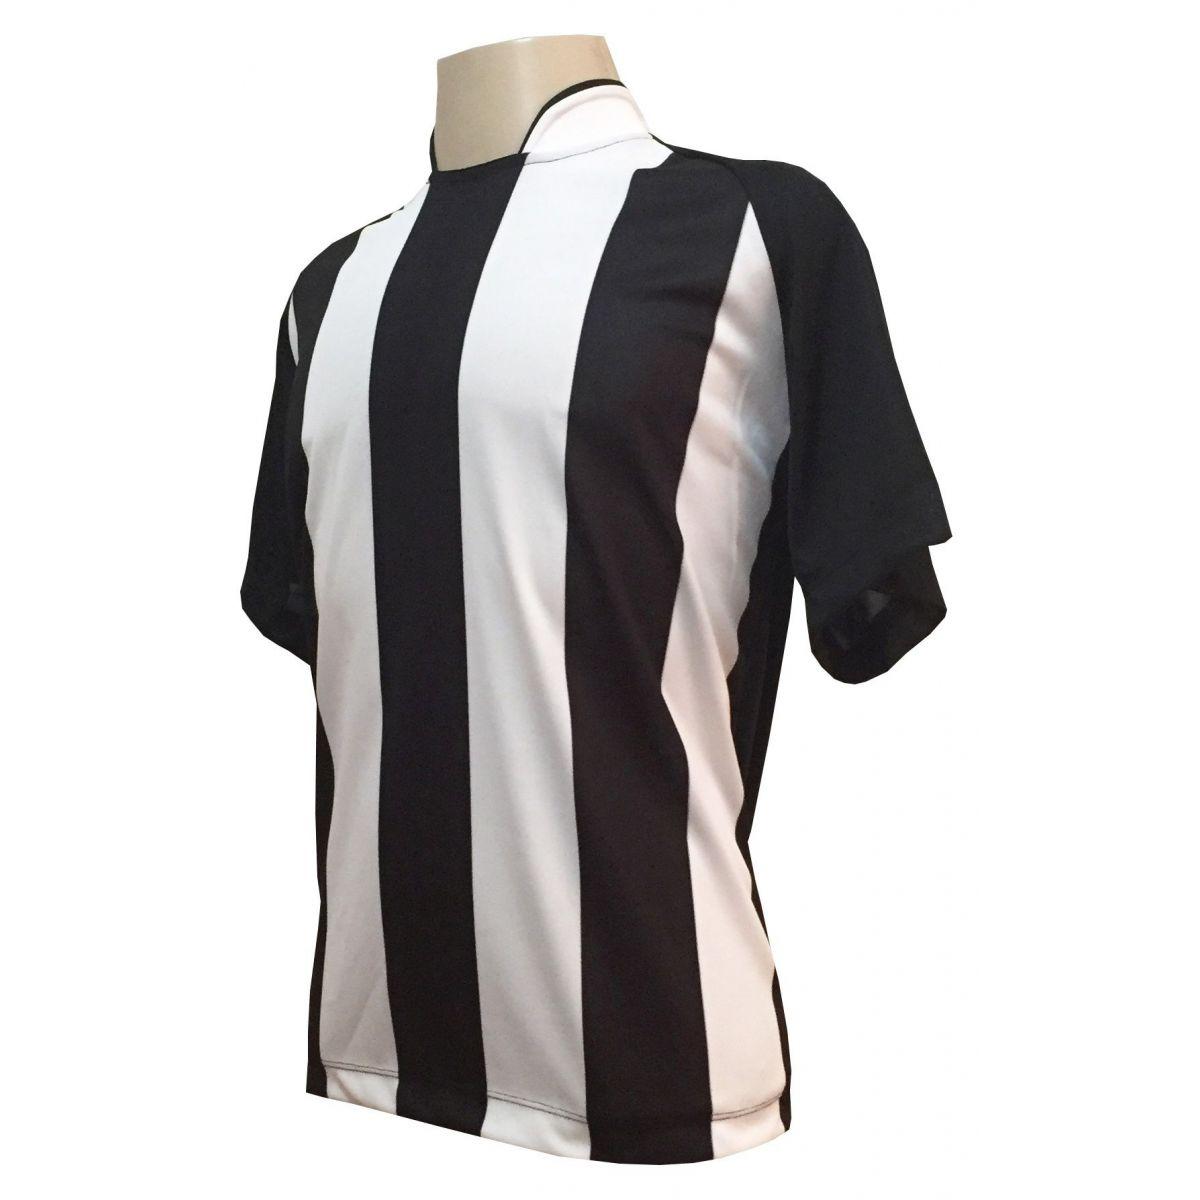 Uniforme Esportivo com 18 Camisas modelo Milan Preto/Branco + 18 Calções modelo Copa Preto/Branco